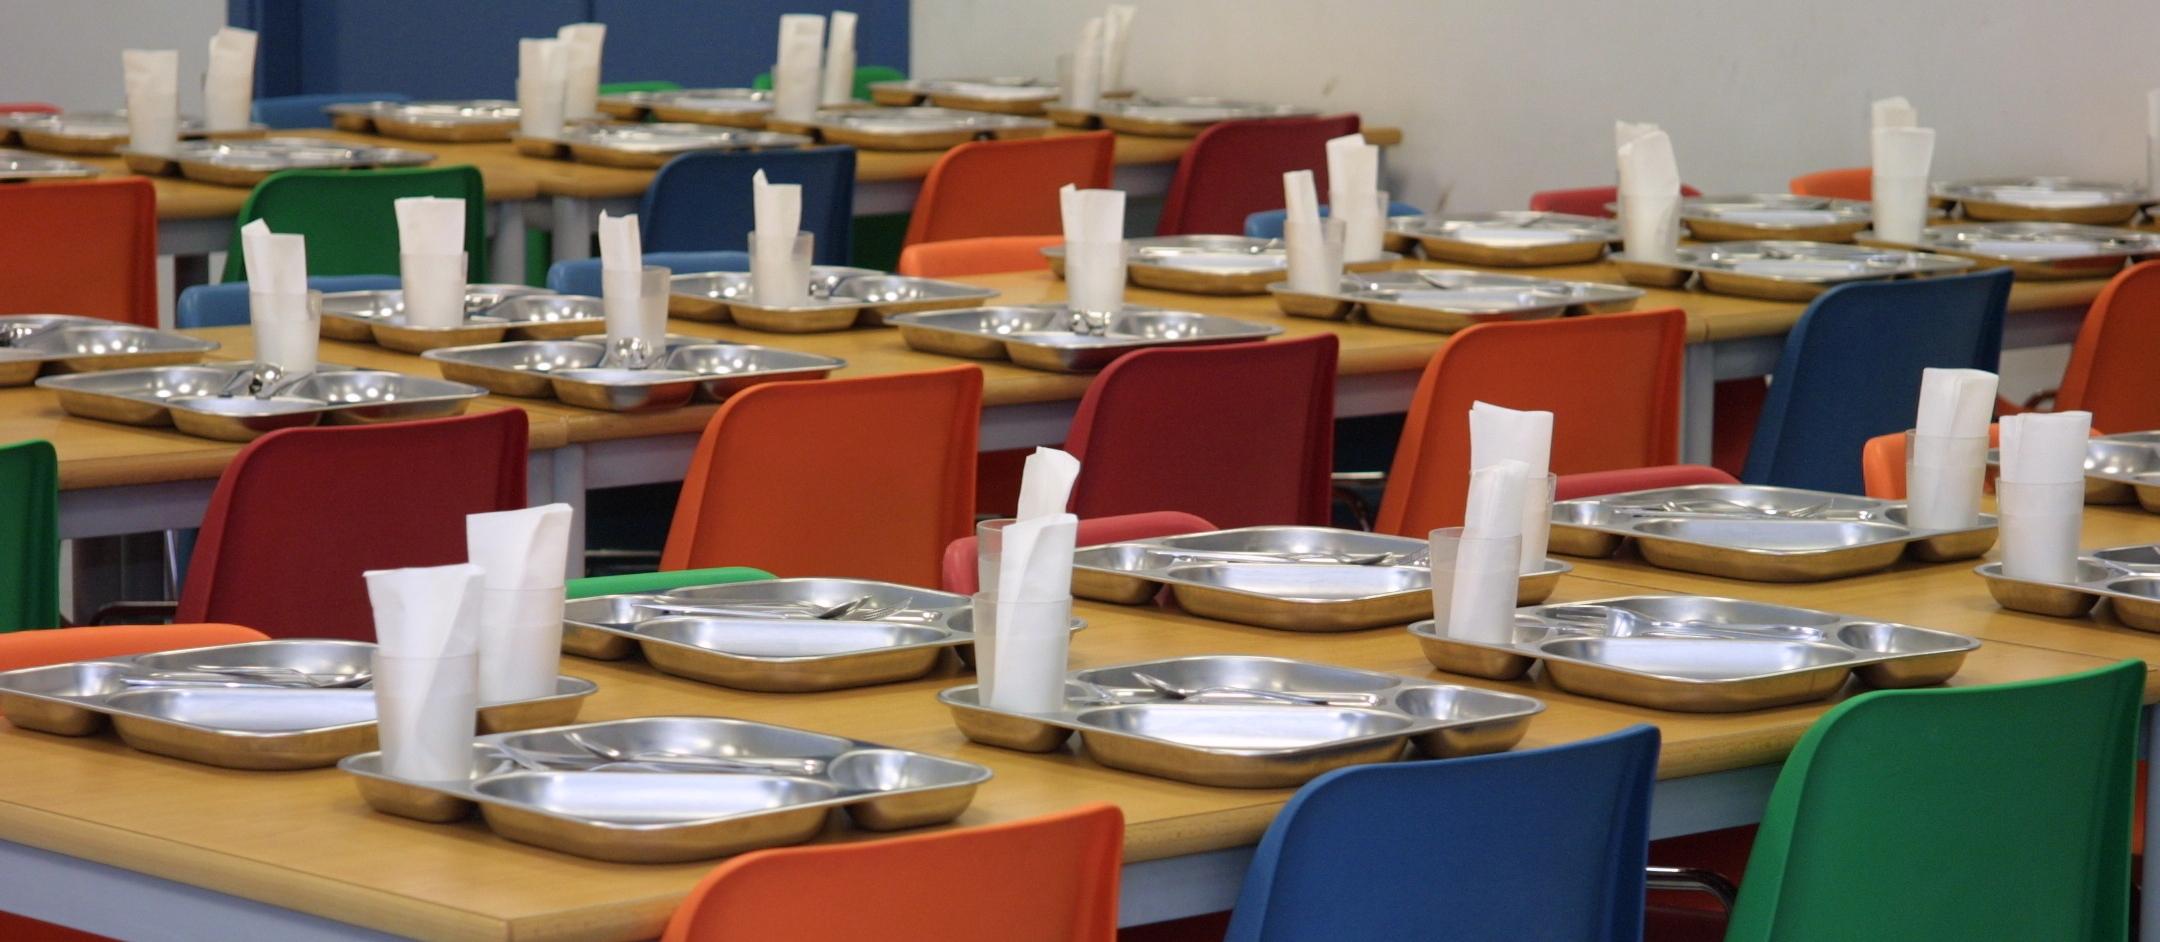 El comedor escolar como campo de batalla alimentando otros modelos - Proyecto de comedor escolar ...